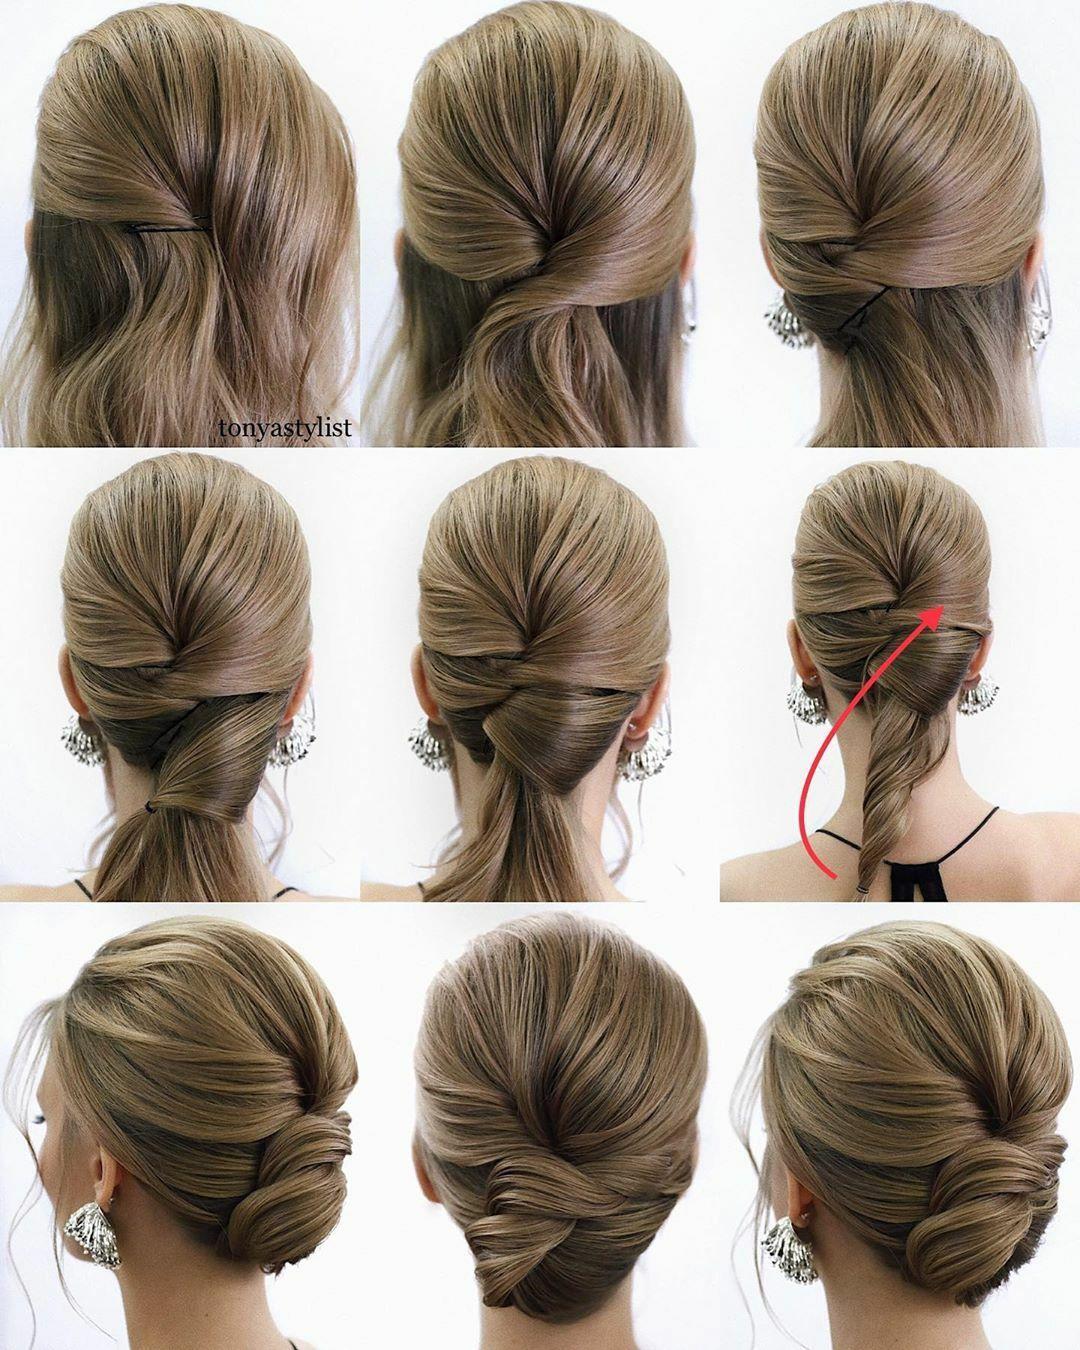 Hairstyles For Bridesmaids Step By Step Steckfrisuren Steckfrisuren Mittellang Schone Frisuren Mittellange Haare